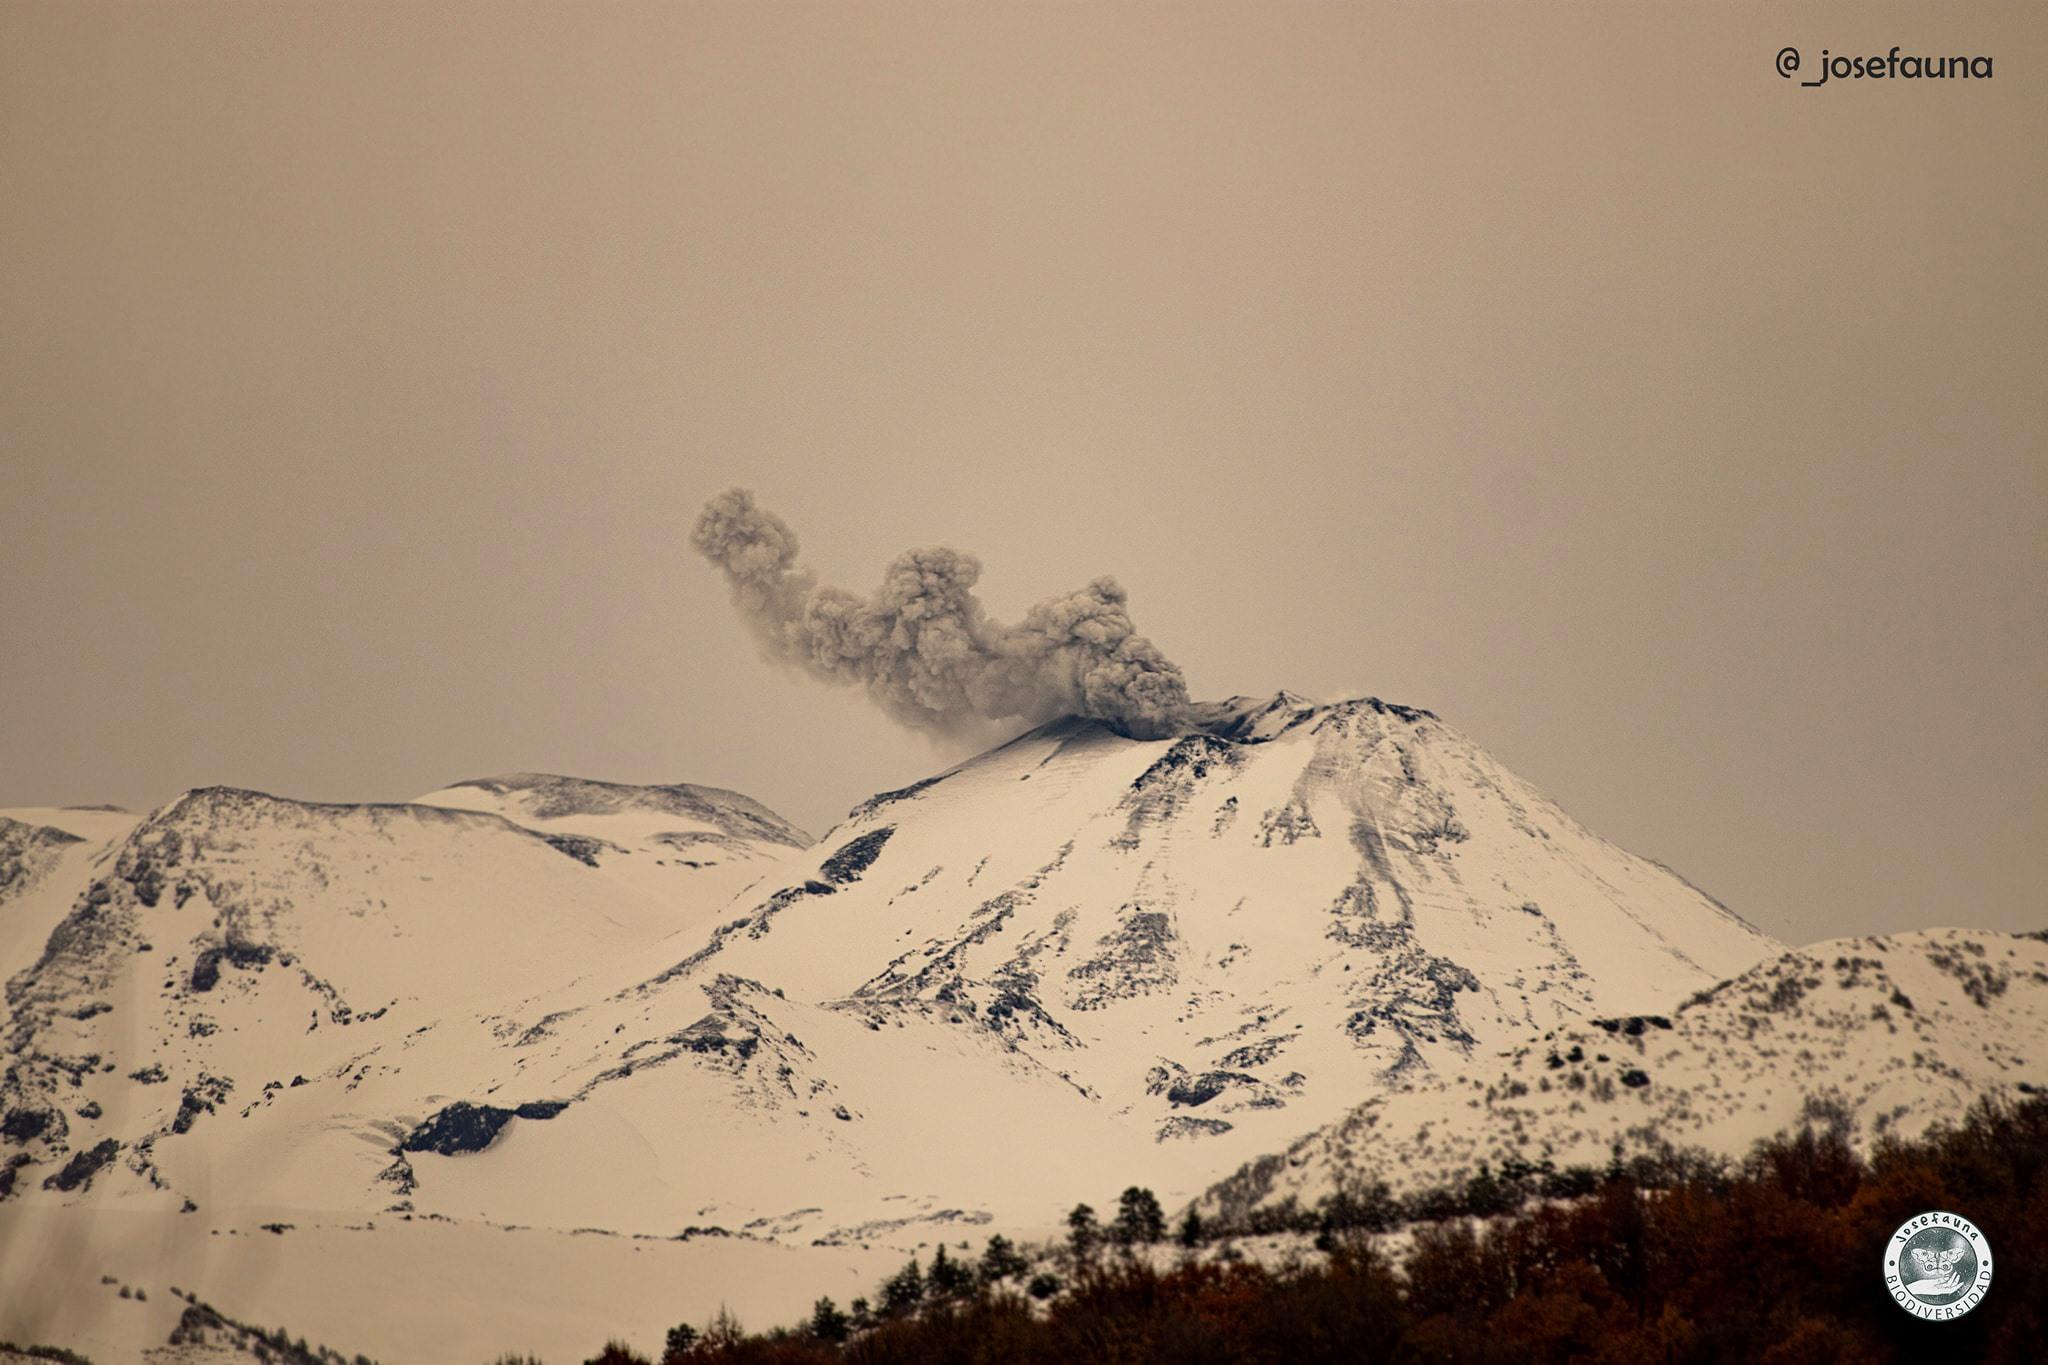 25 Aout 2020. FR . Argentine / Chili : Nevados de Chillan , Indonésie : Sinabung , Equateur : Sangay , Pérou : Sabancaya , Pérou : Ubinas .